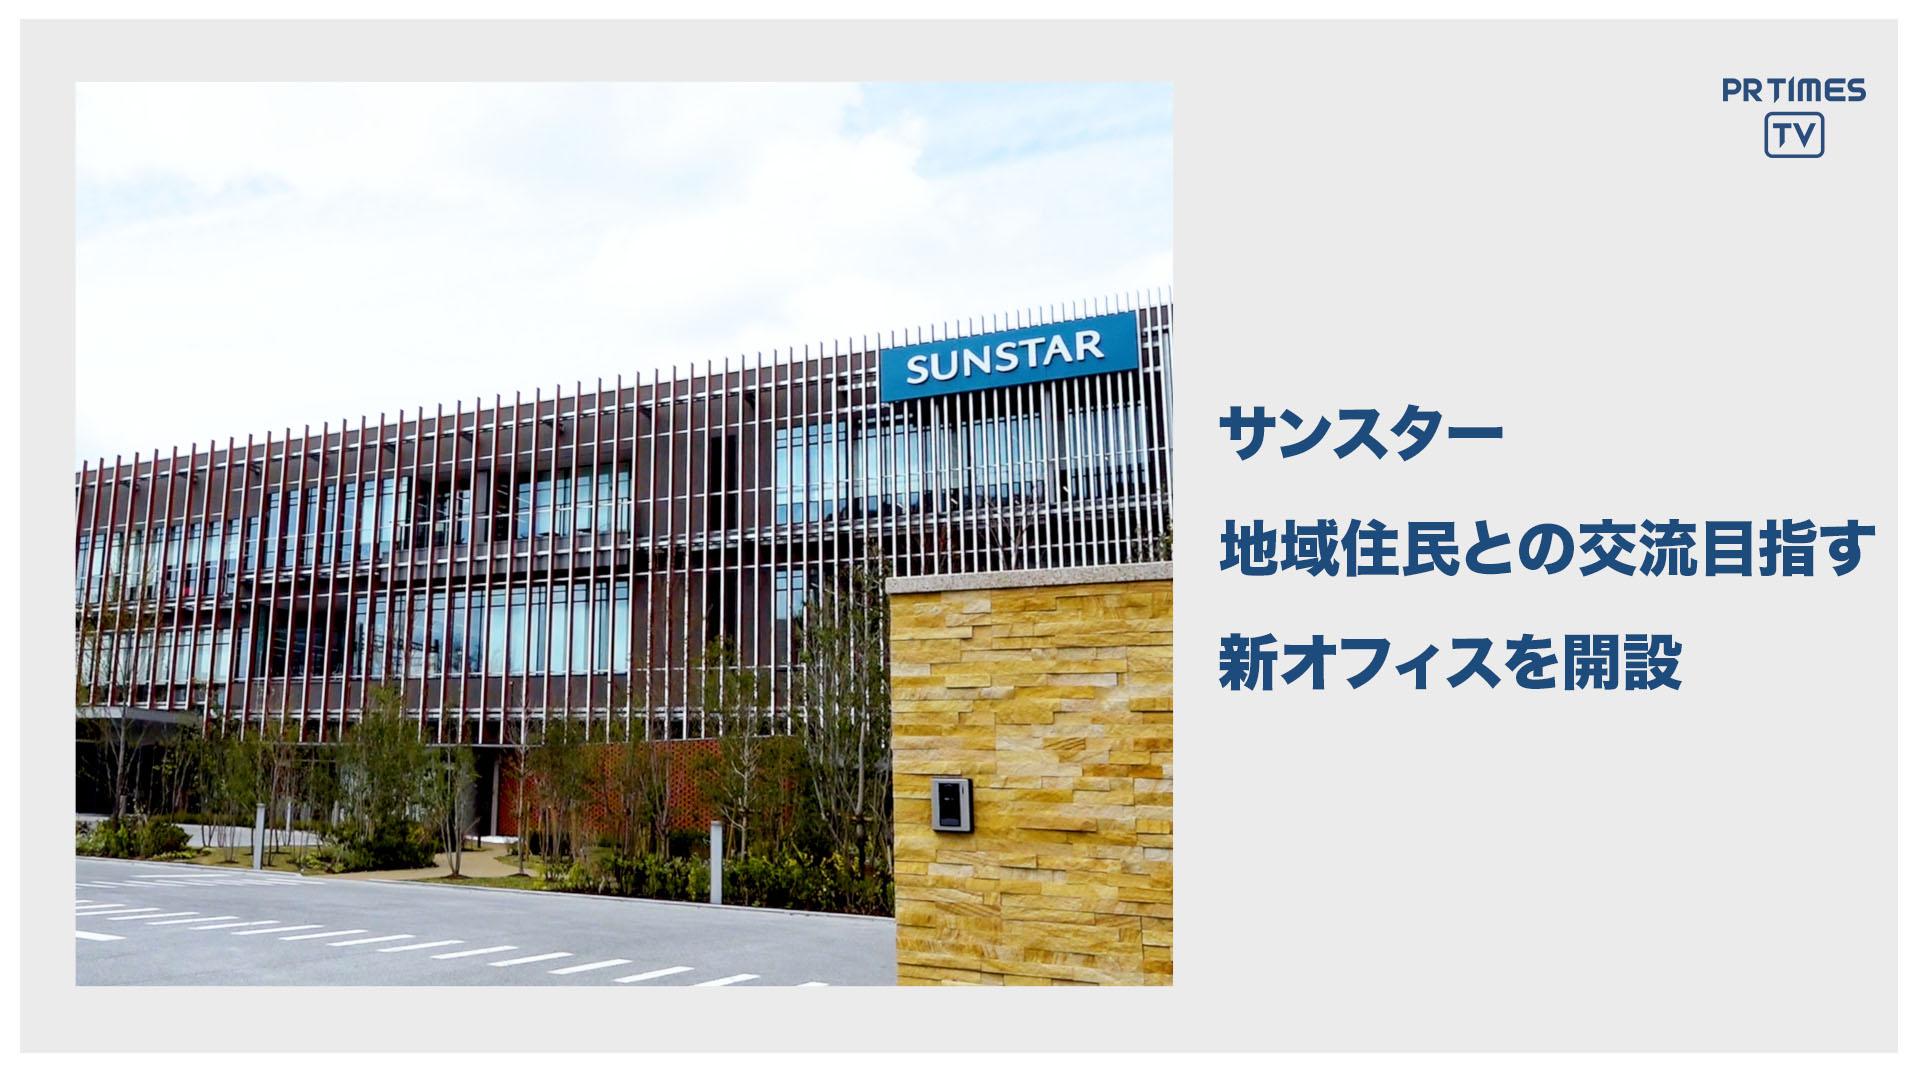 サンスター、新オフィス「サンスターコミュニケーションパーク」を大阪府高槻市に開設